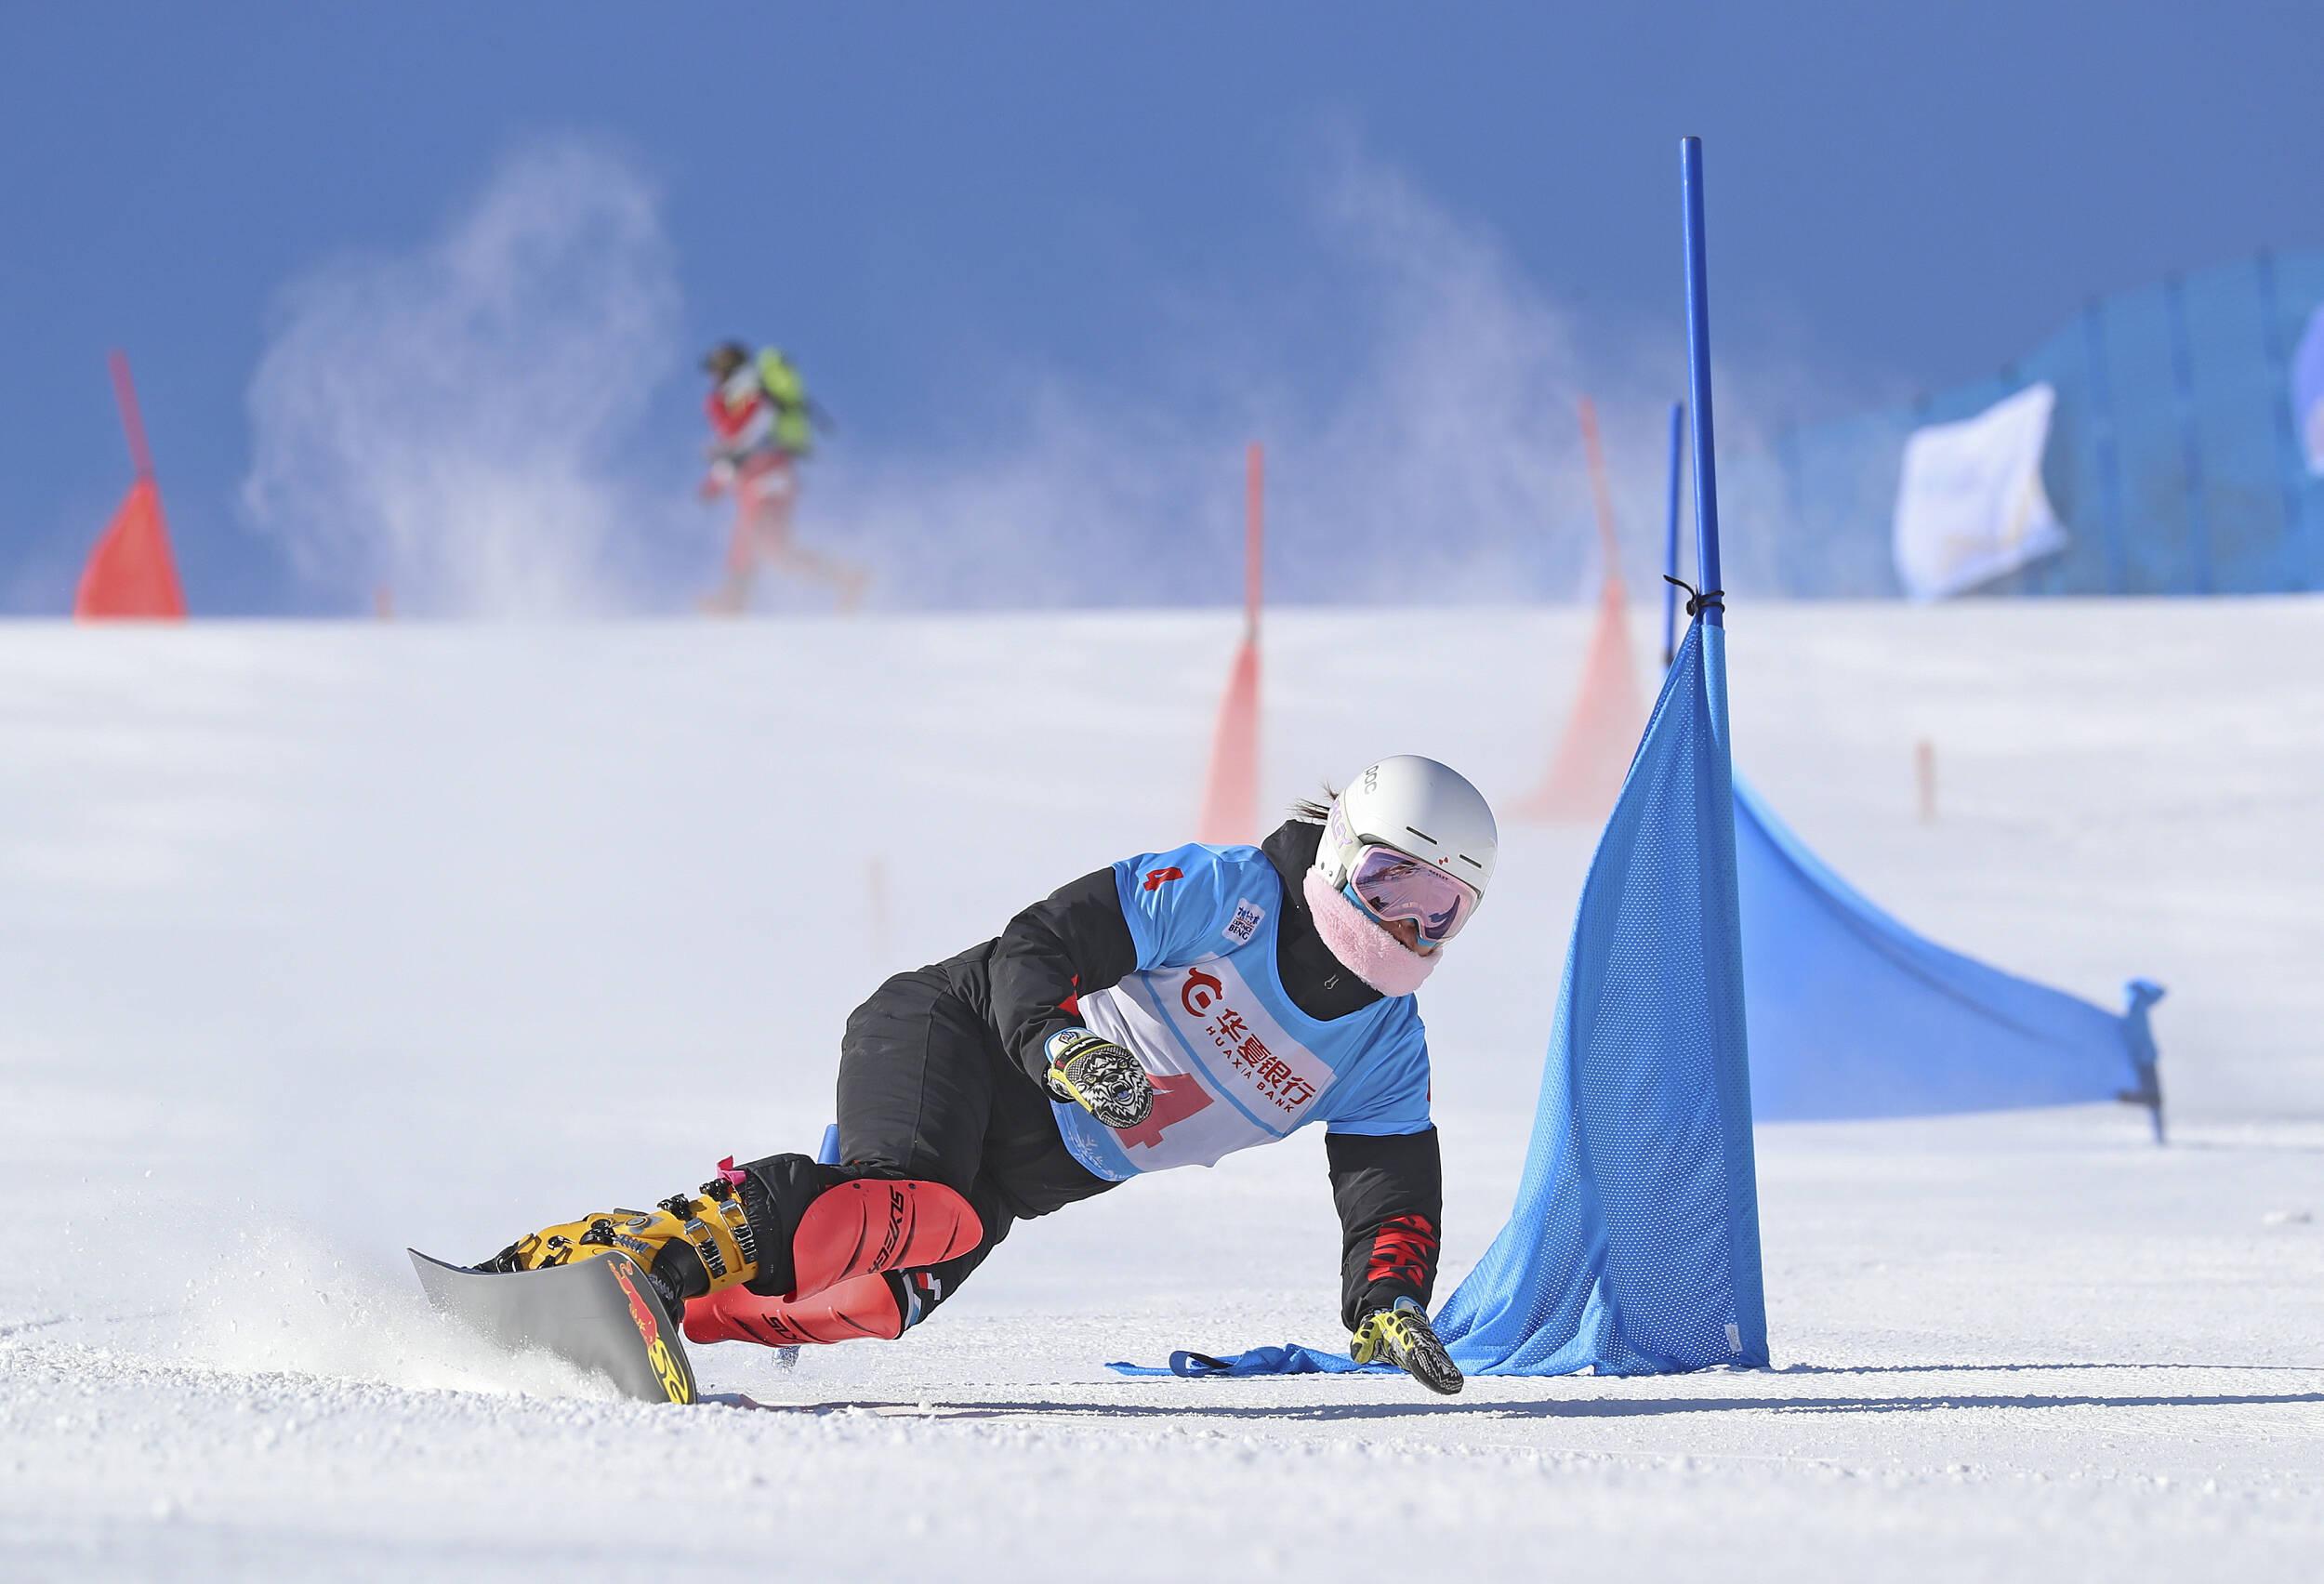 闪电评论丨办好北京冬奥会 与世界双赢和发展共舞